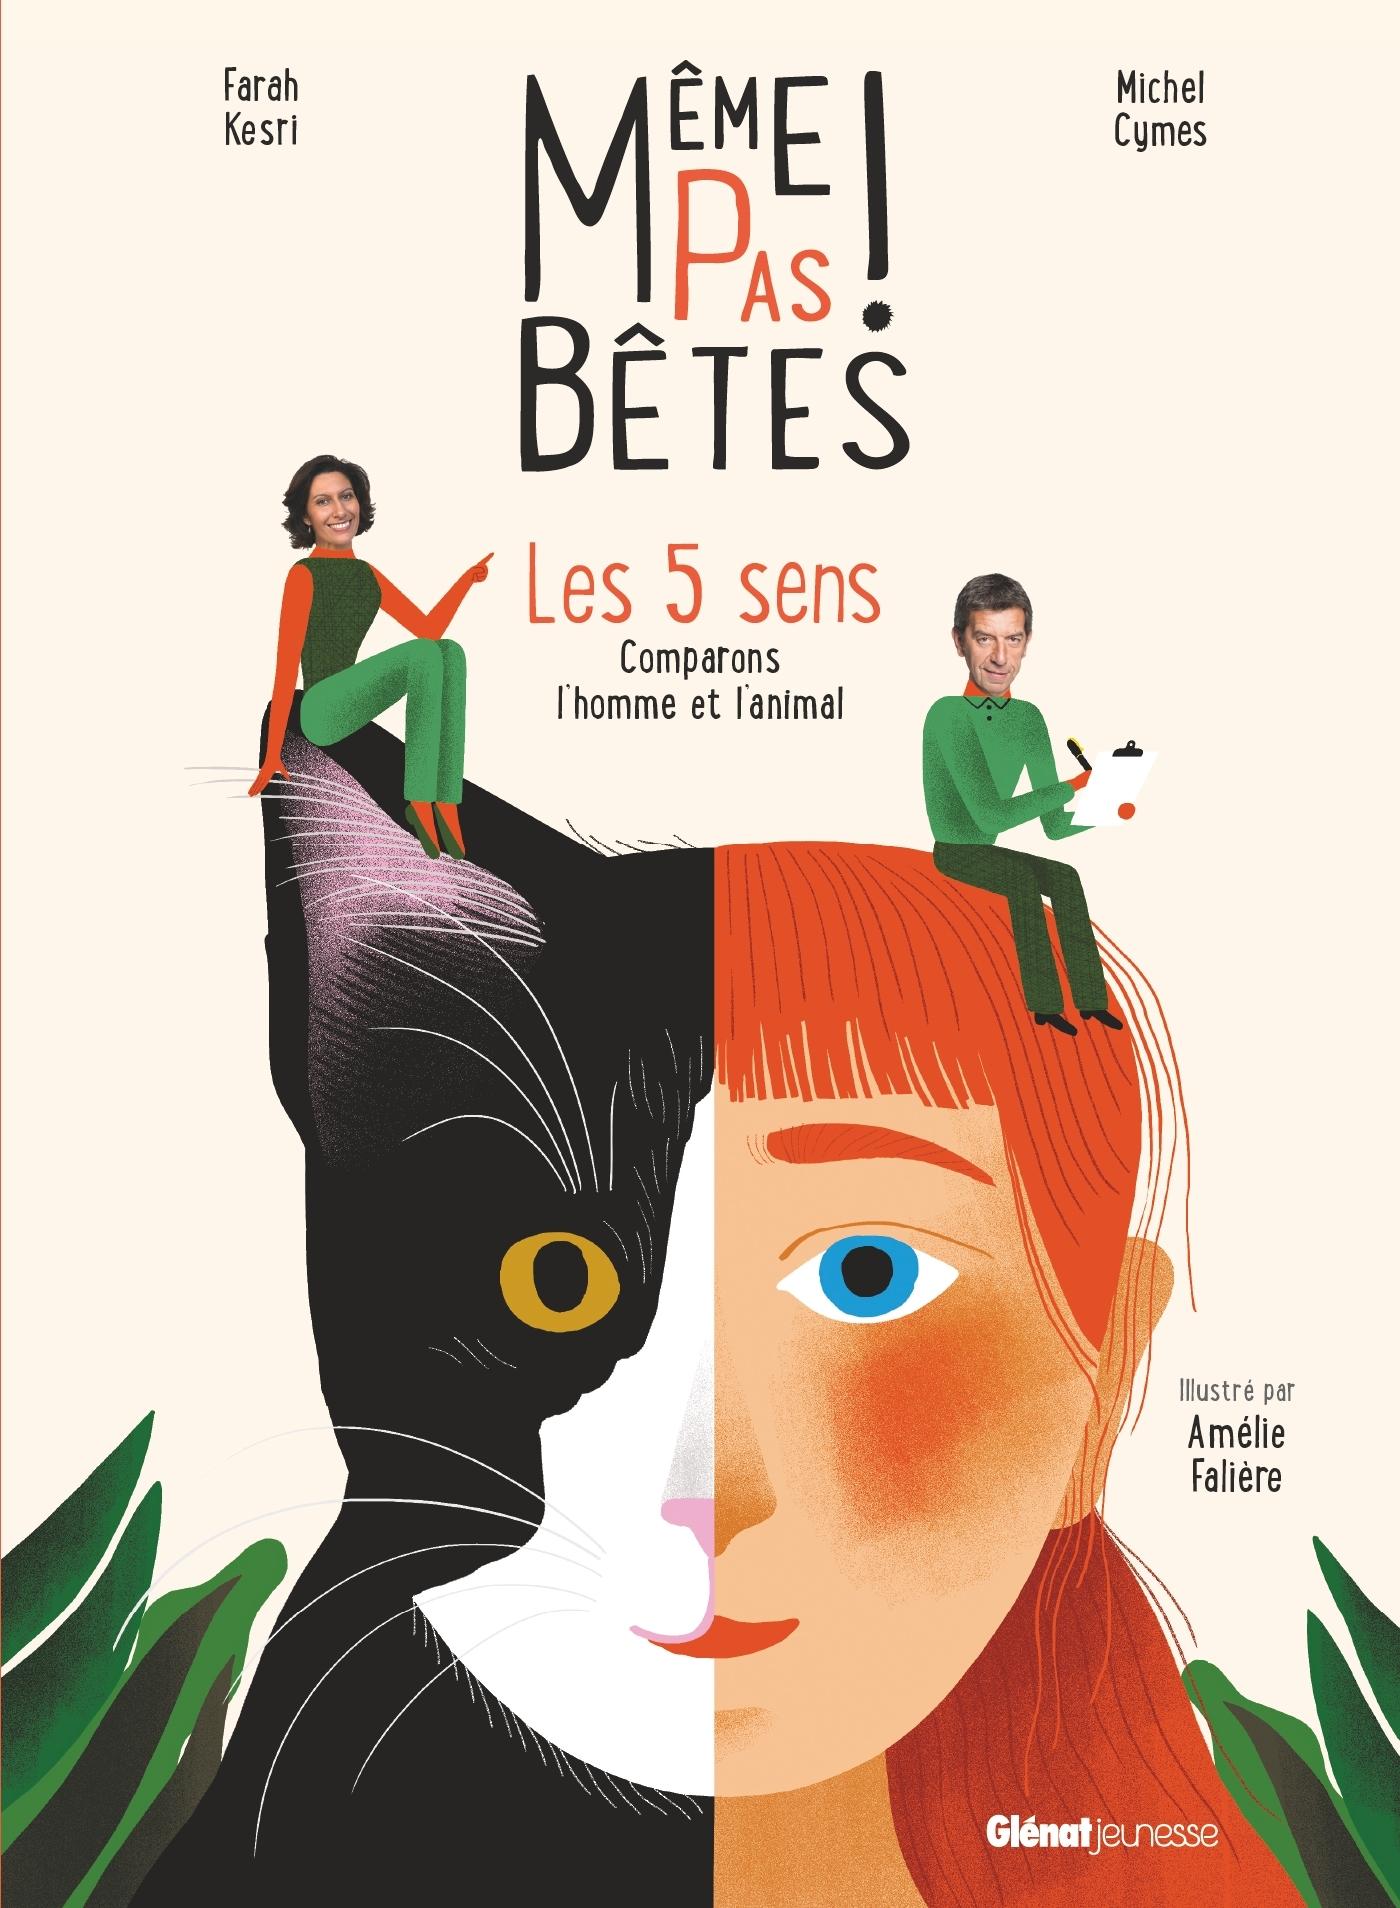 MEME PAS BETES ! LES 5 SENS - COMPARONS L'HOMME ET L'ANIMAL